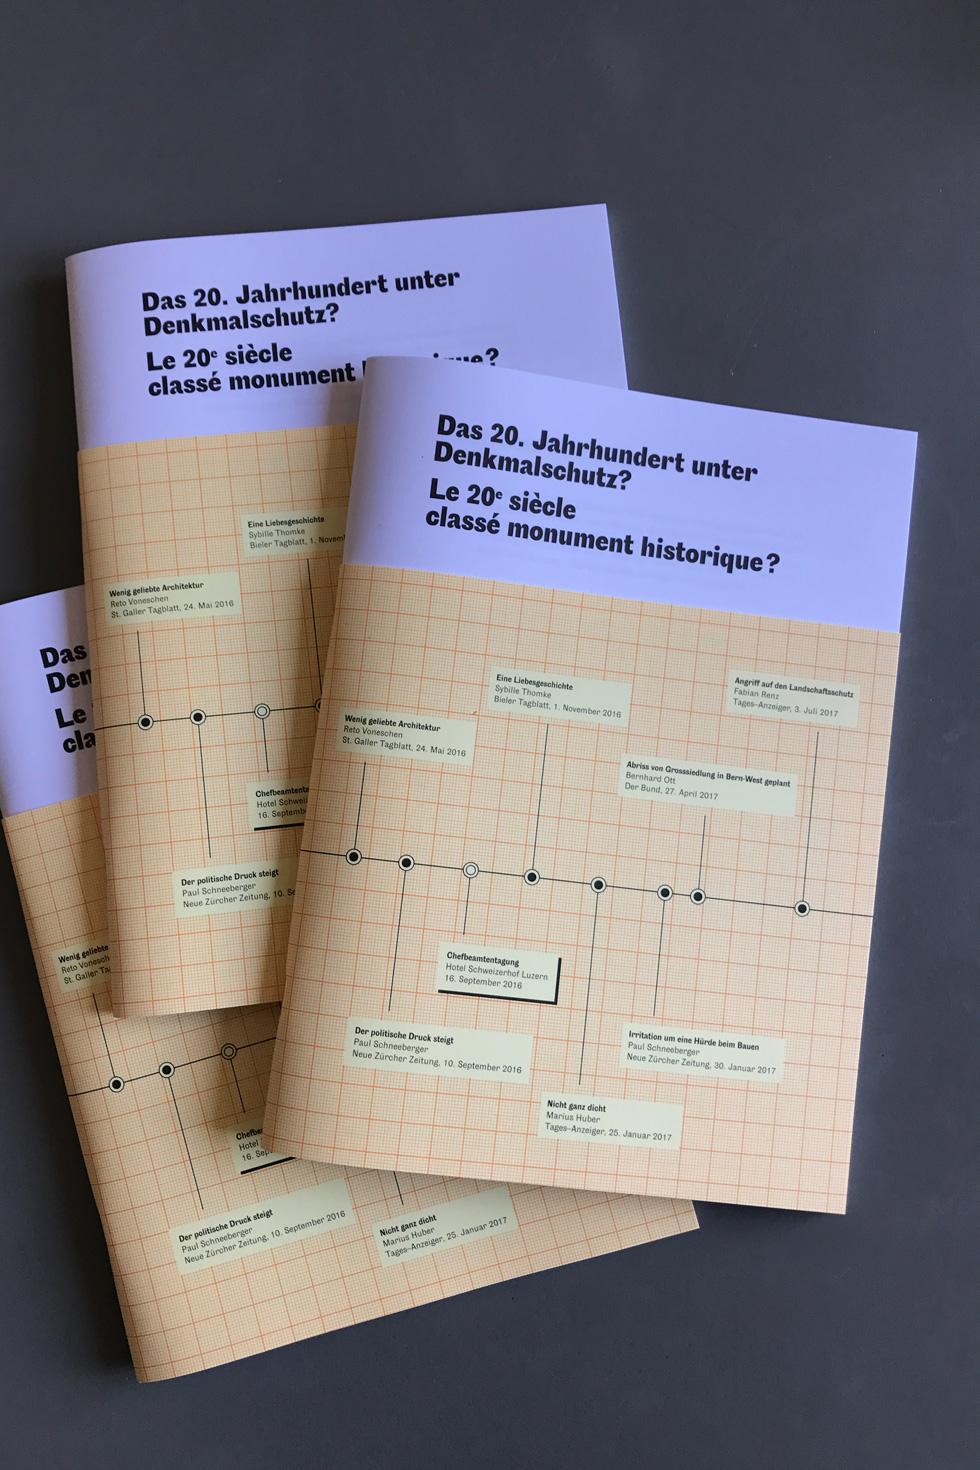 Nett Kessel Bedeutung Zeitgenössisch - Der Schaltplan - triangre.info